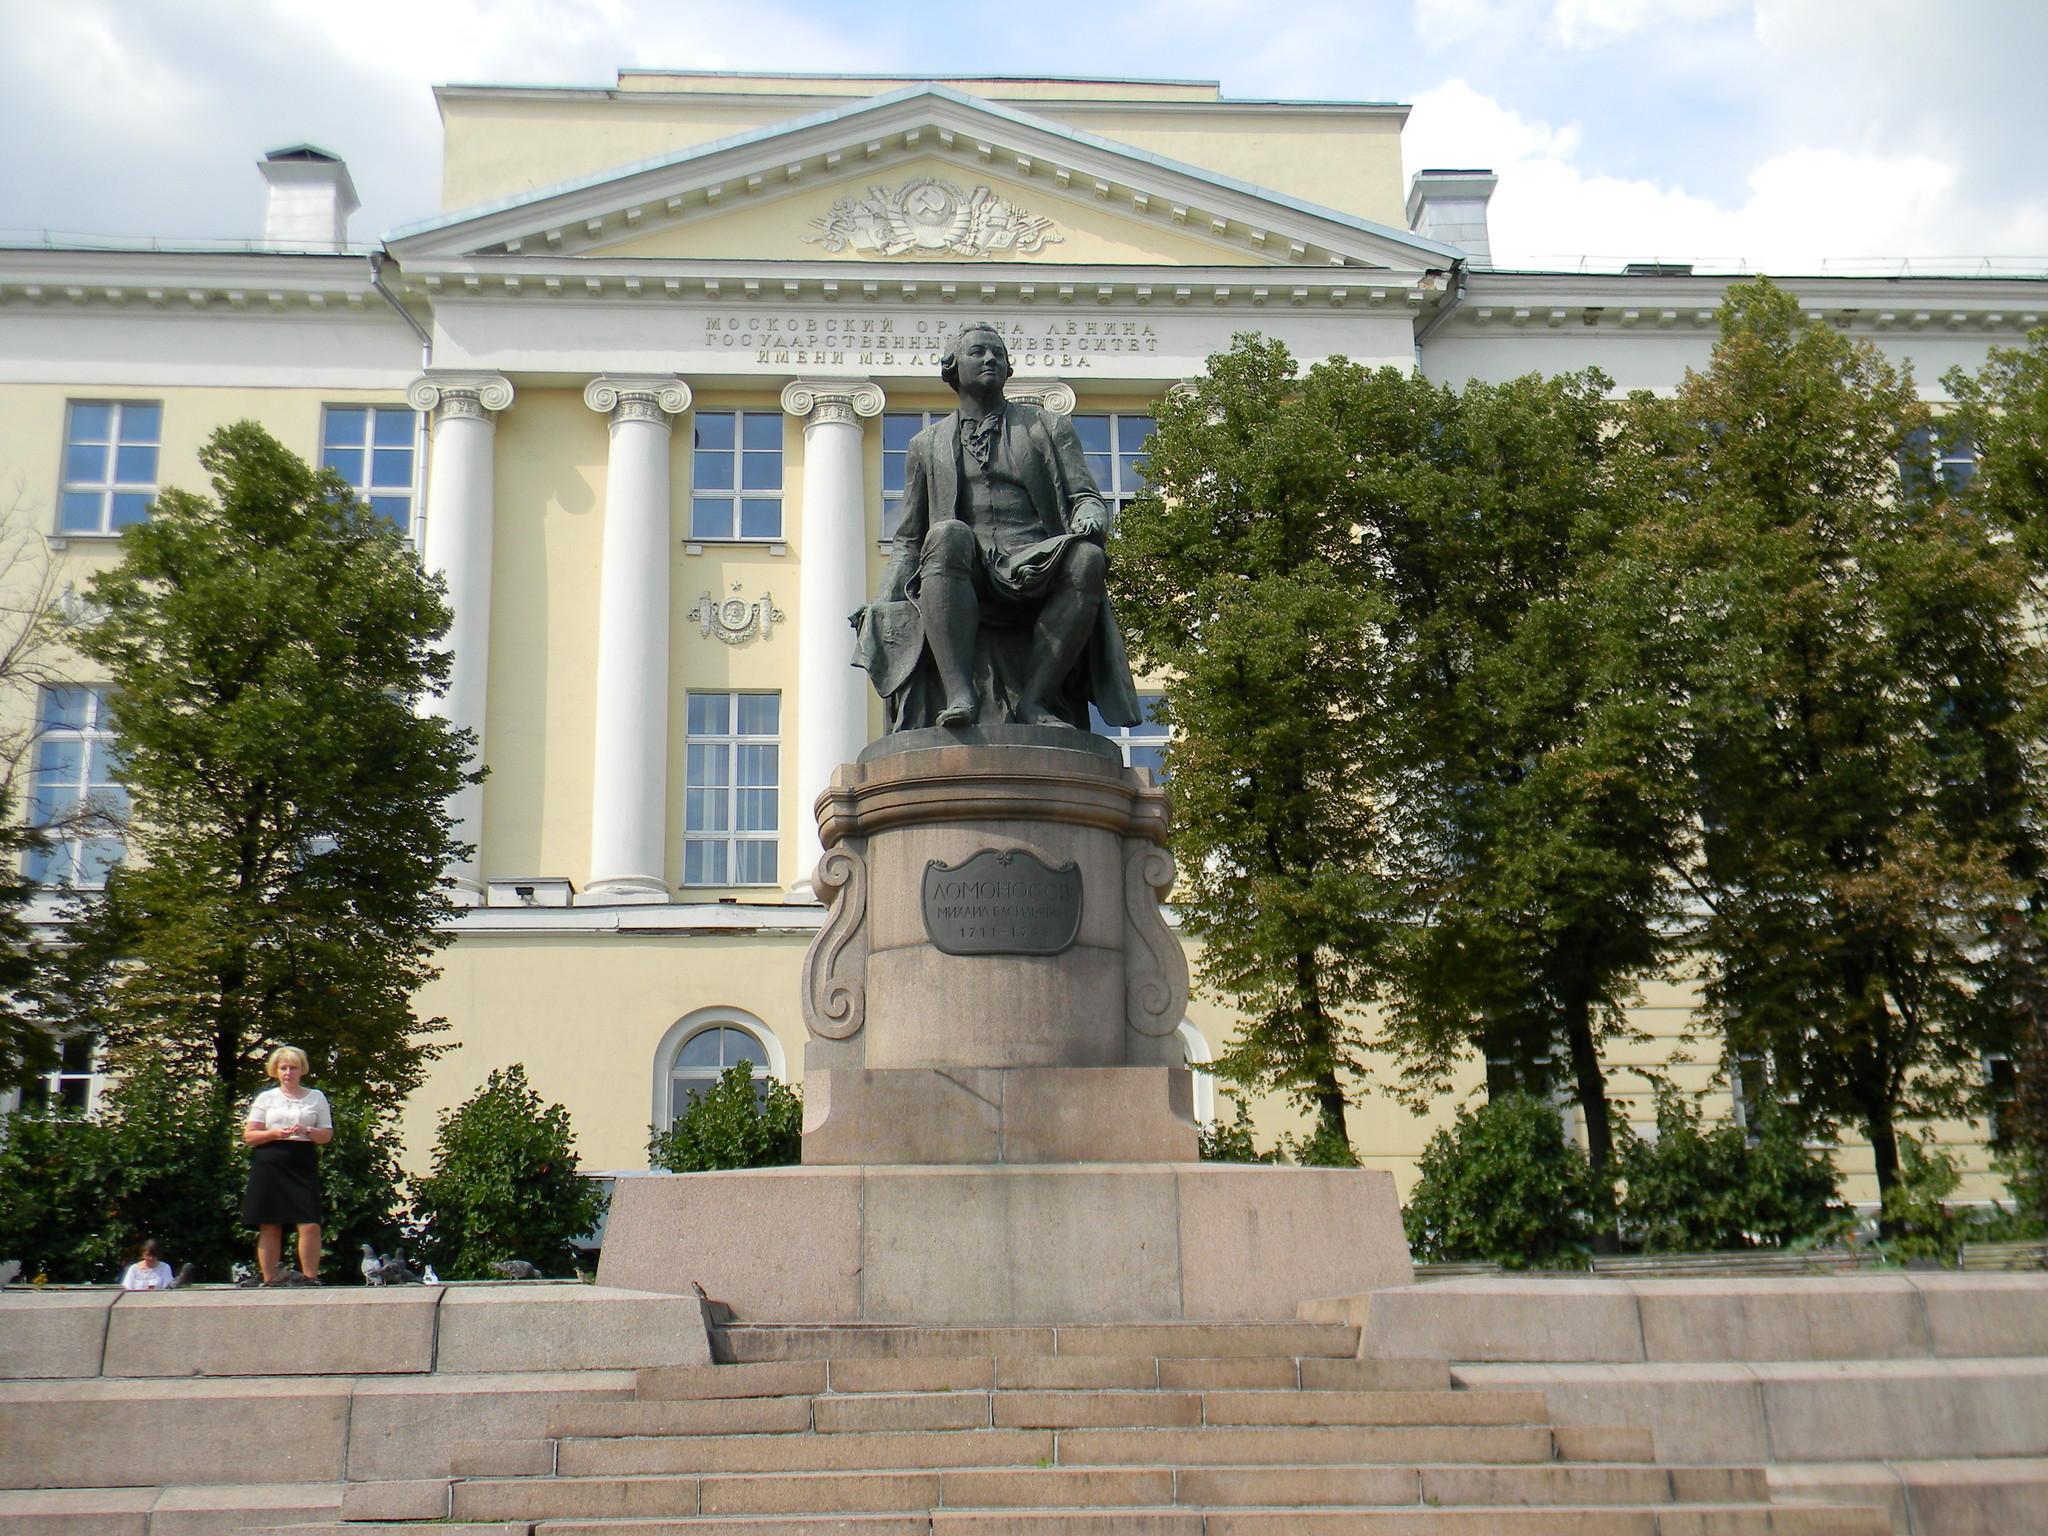 Факультет журналистики Московского государственного университета имени М.В. Ломоносова (улица Моховая, дом 9)